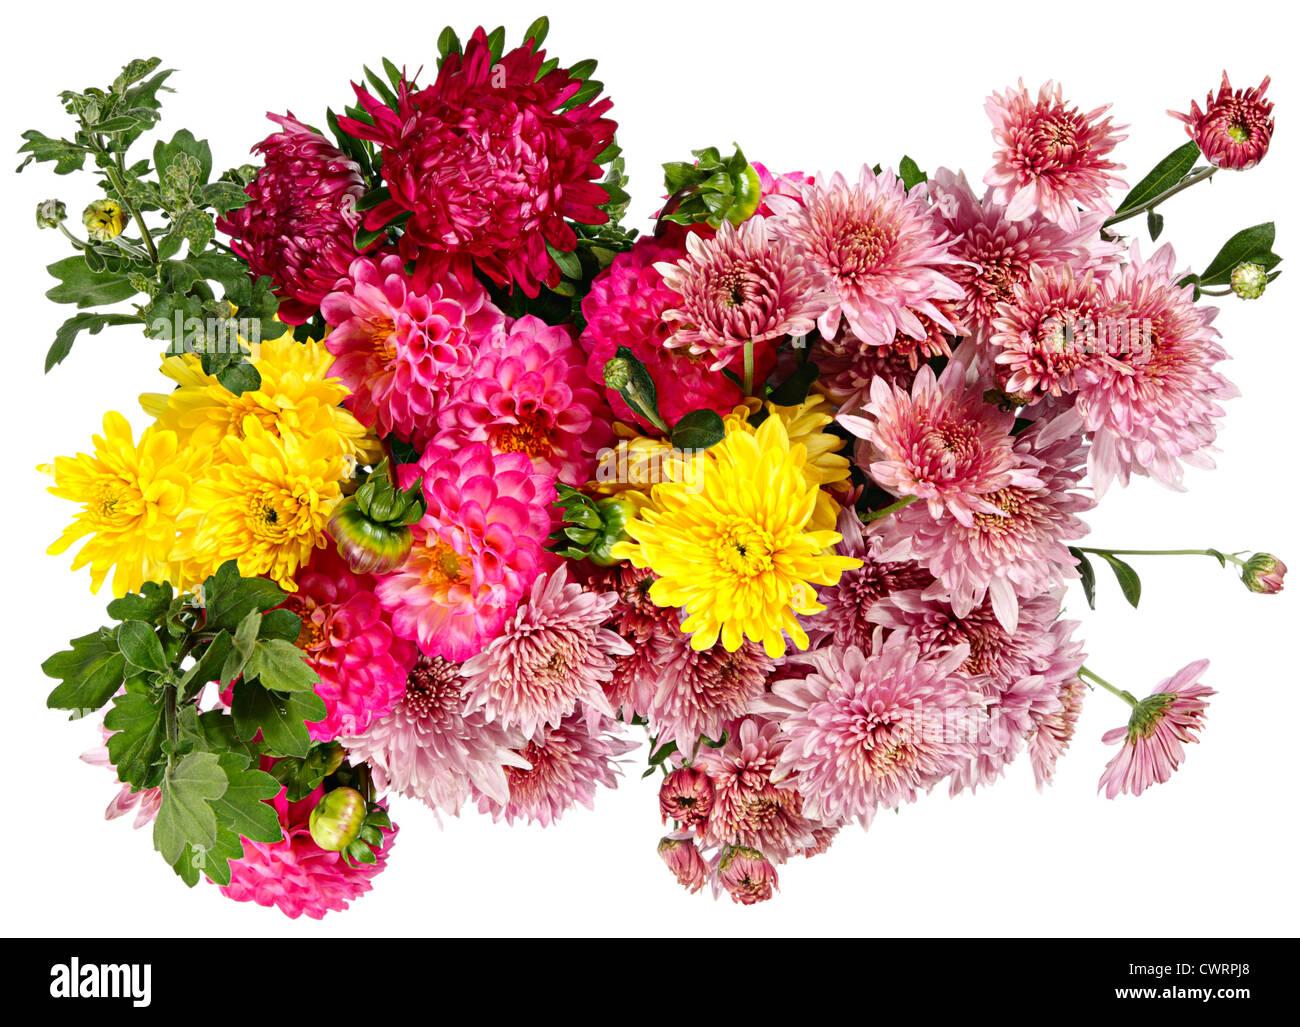 Ottimo bouquet di fiori autunnali isolato su bianco foto for Immagini fiori autunnali